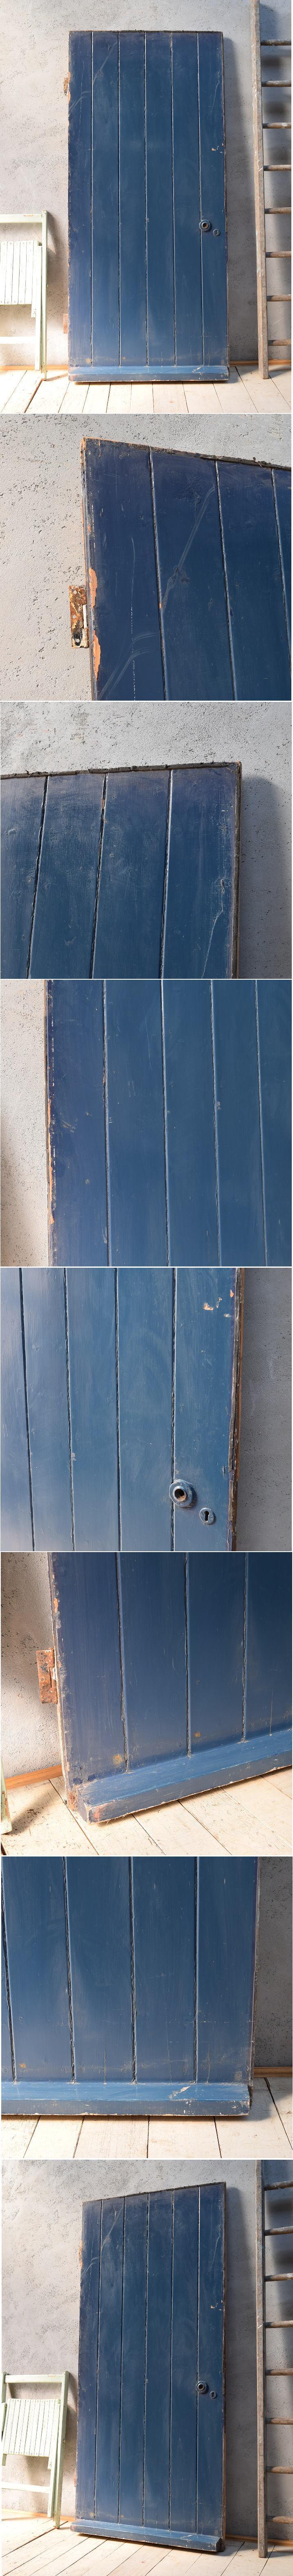 イギリス アンティーク 木製ドア 扉 ディスプレイ 建具 6782